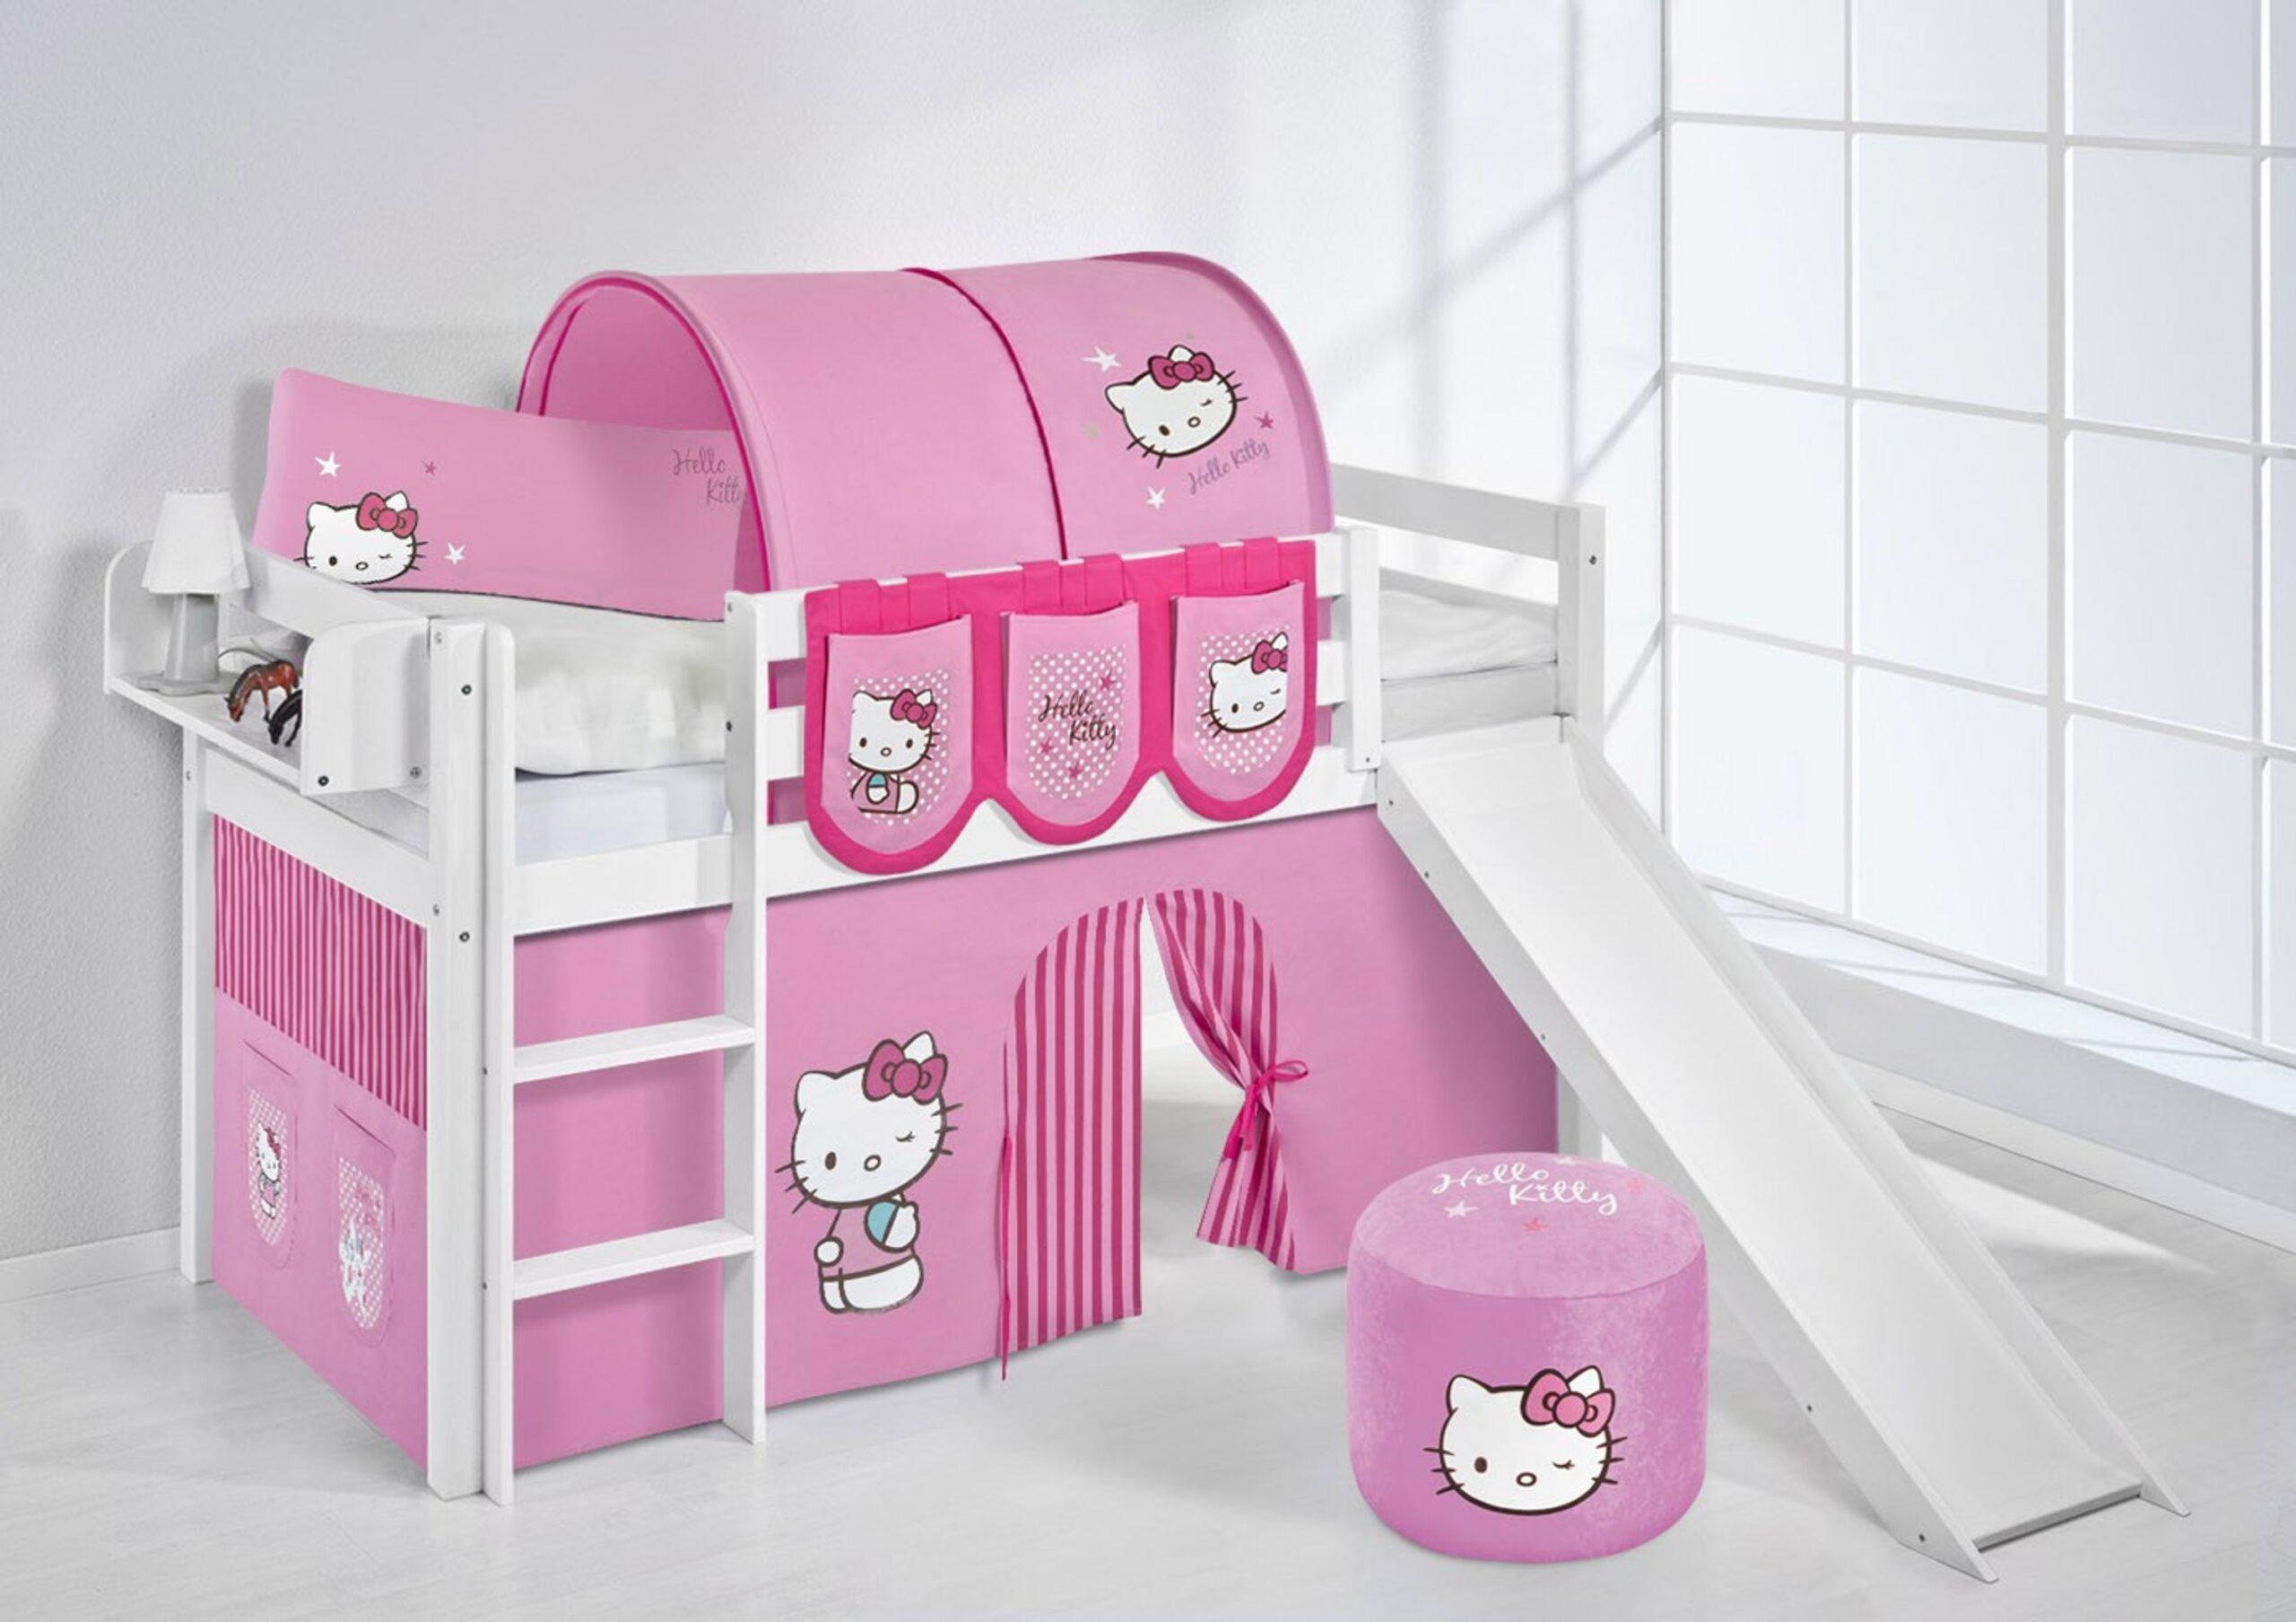 Full Size of Kinderzimmer Vorhang Spielbett Hello Kitty Rosa Wei Mit Rutsche Und Jelle Wohnzimmer Regal Bad Weiß Regale Sofa Küche Kinderzimmer Kinderzimmer Vorhang